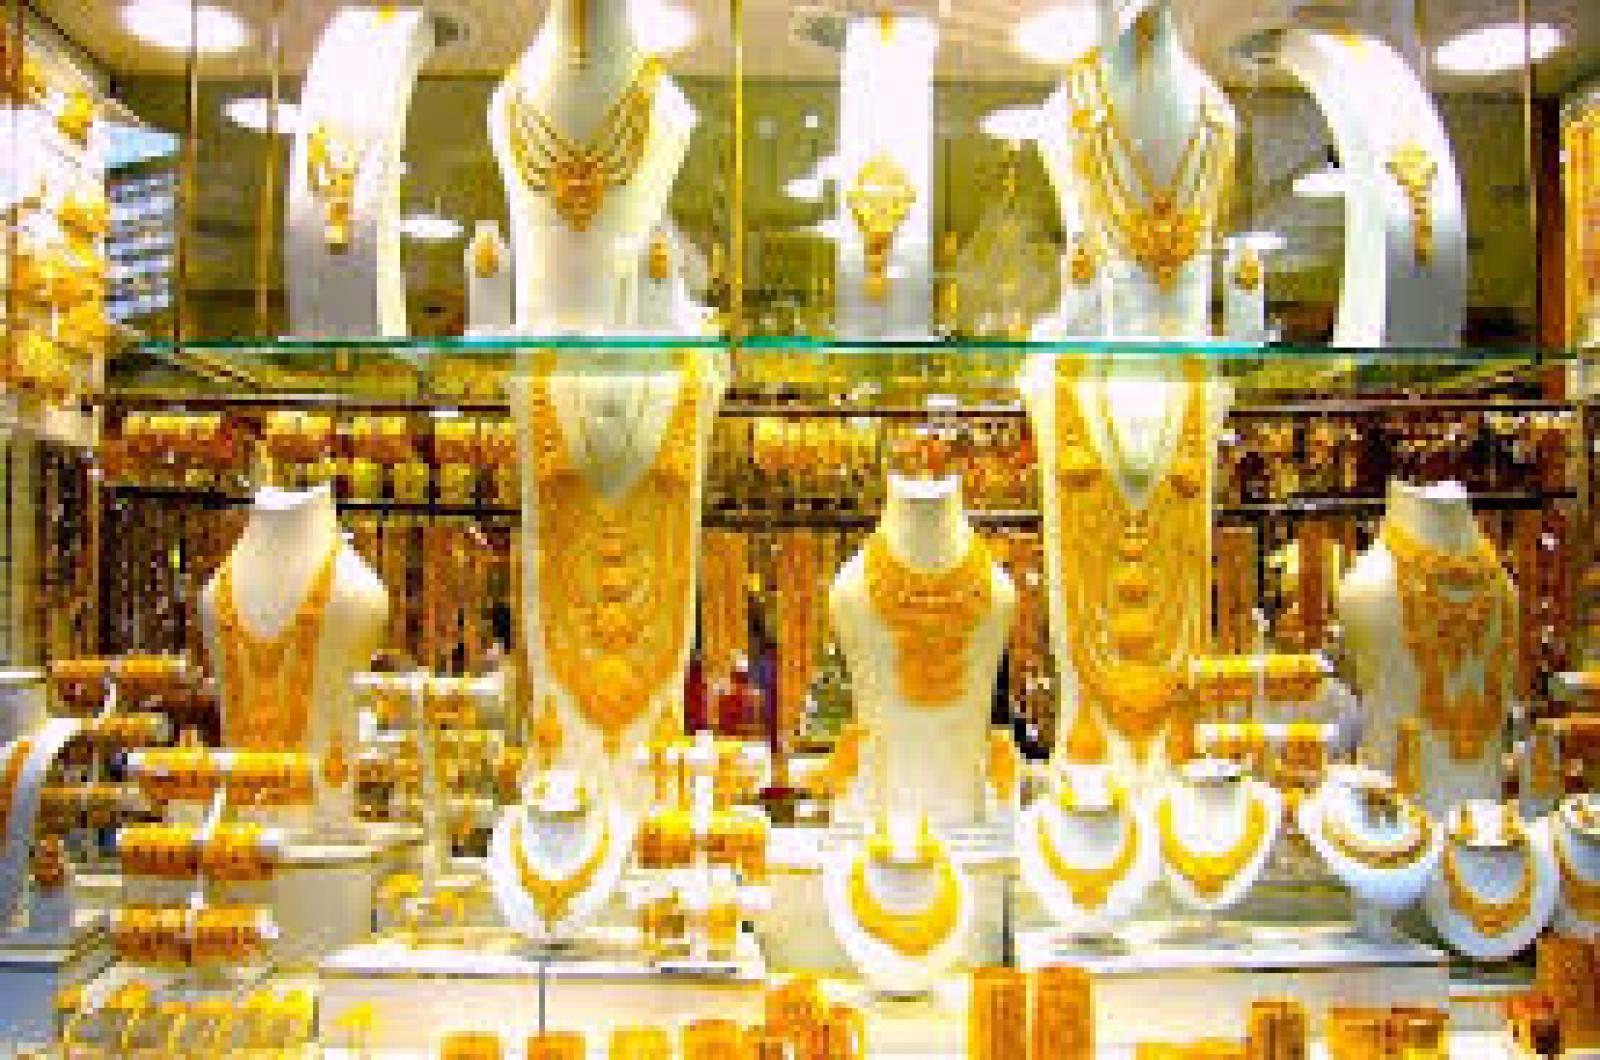 Soni Babulal Padamsi Jewellers